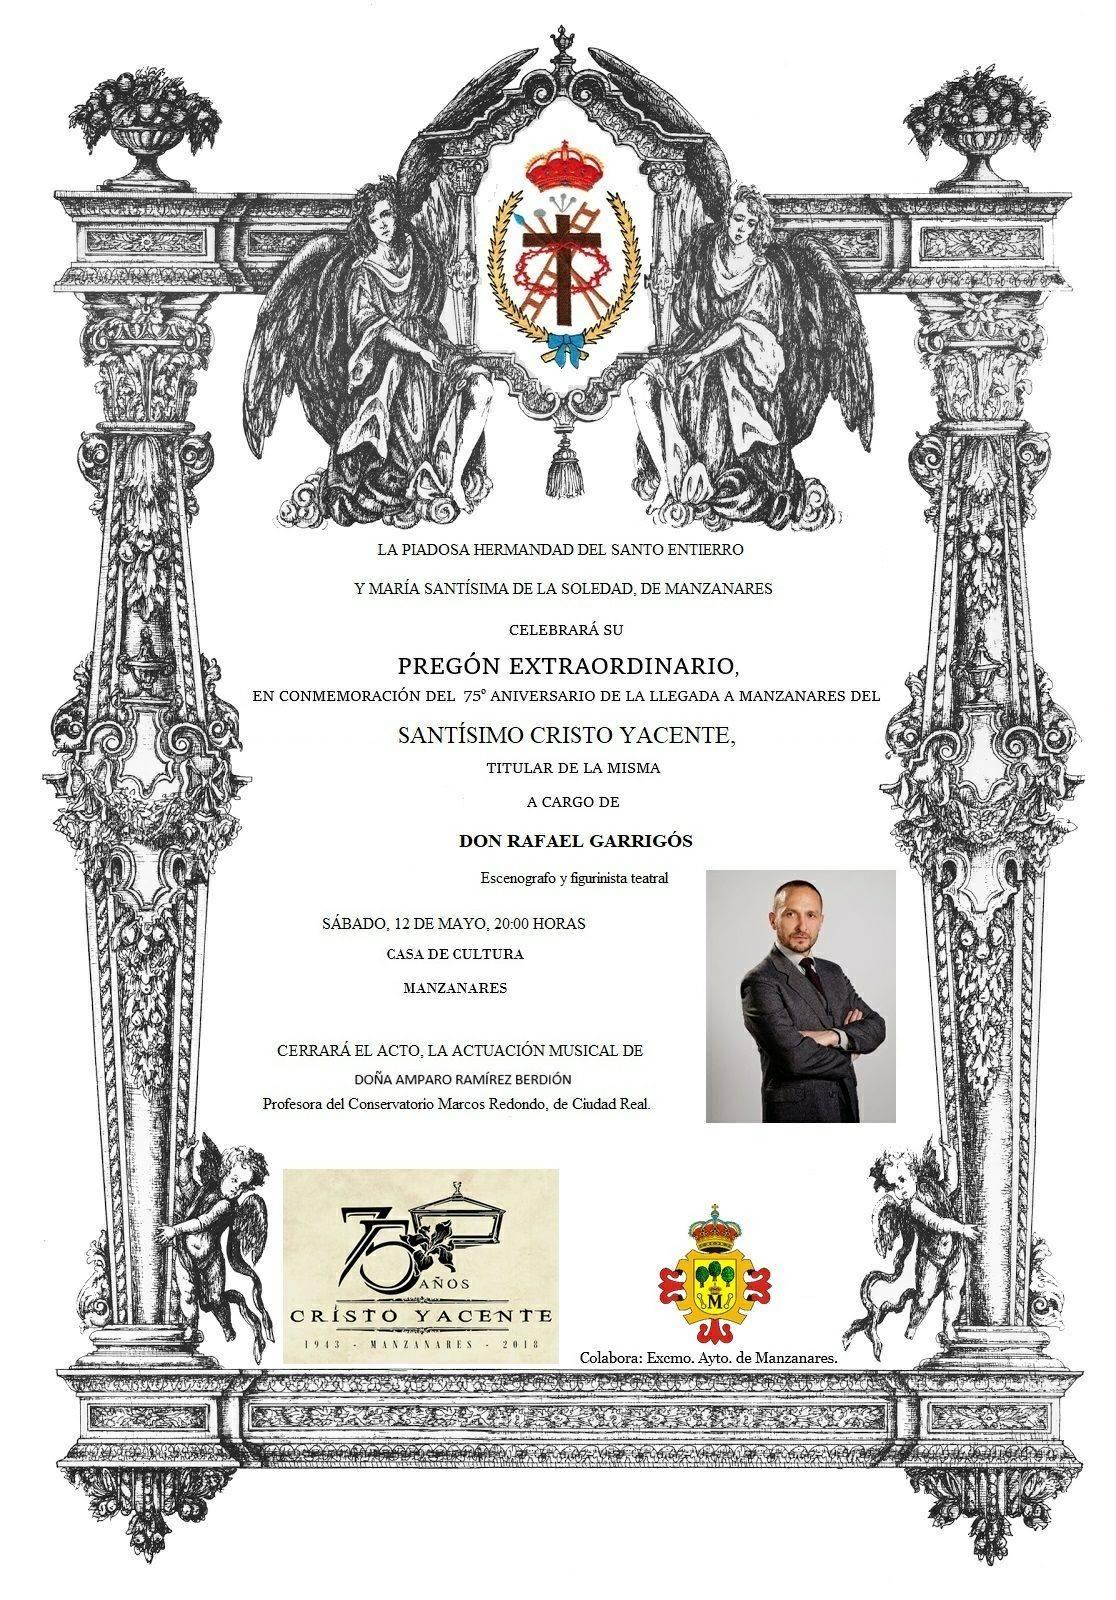 Rafael Garrigós dará el pregón extraordinario de la Hermandad del Santo Entierro de Manzanares 3